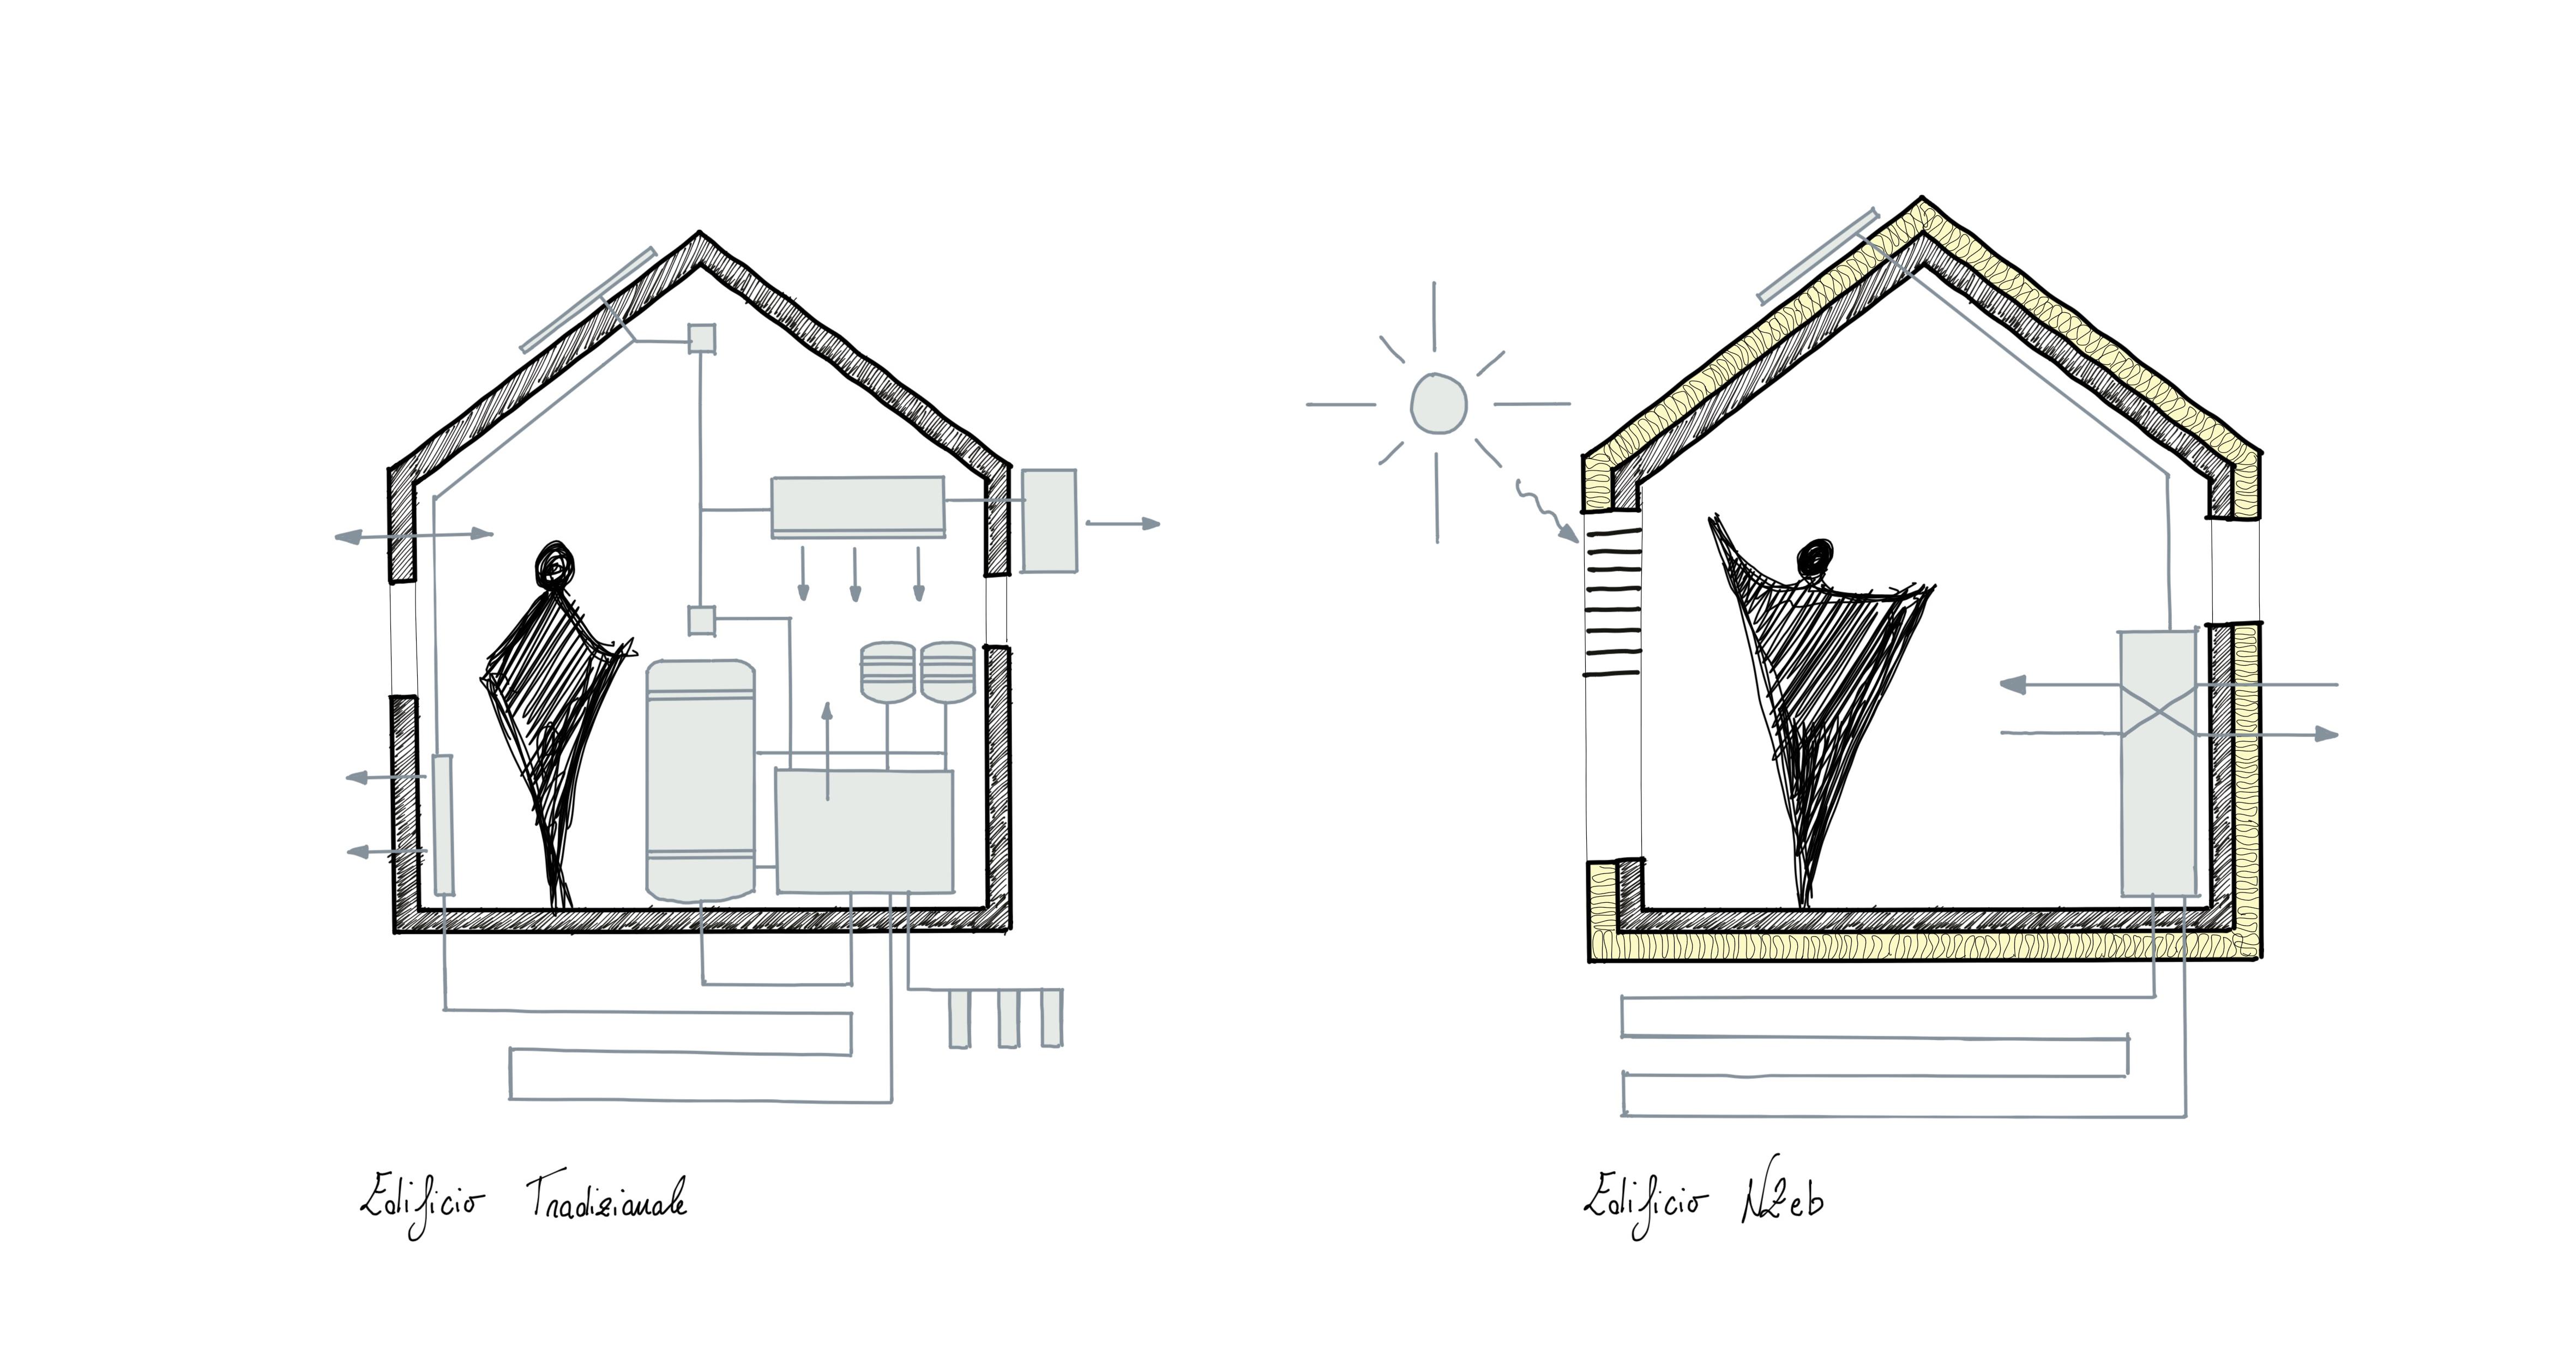 edificio tradizionale vs edificio nzeb